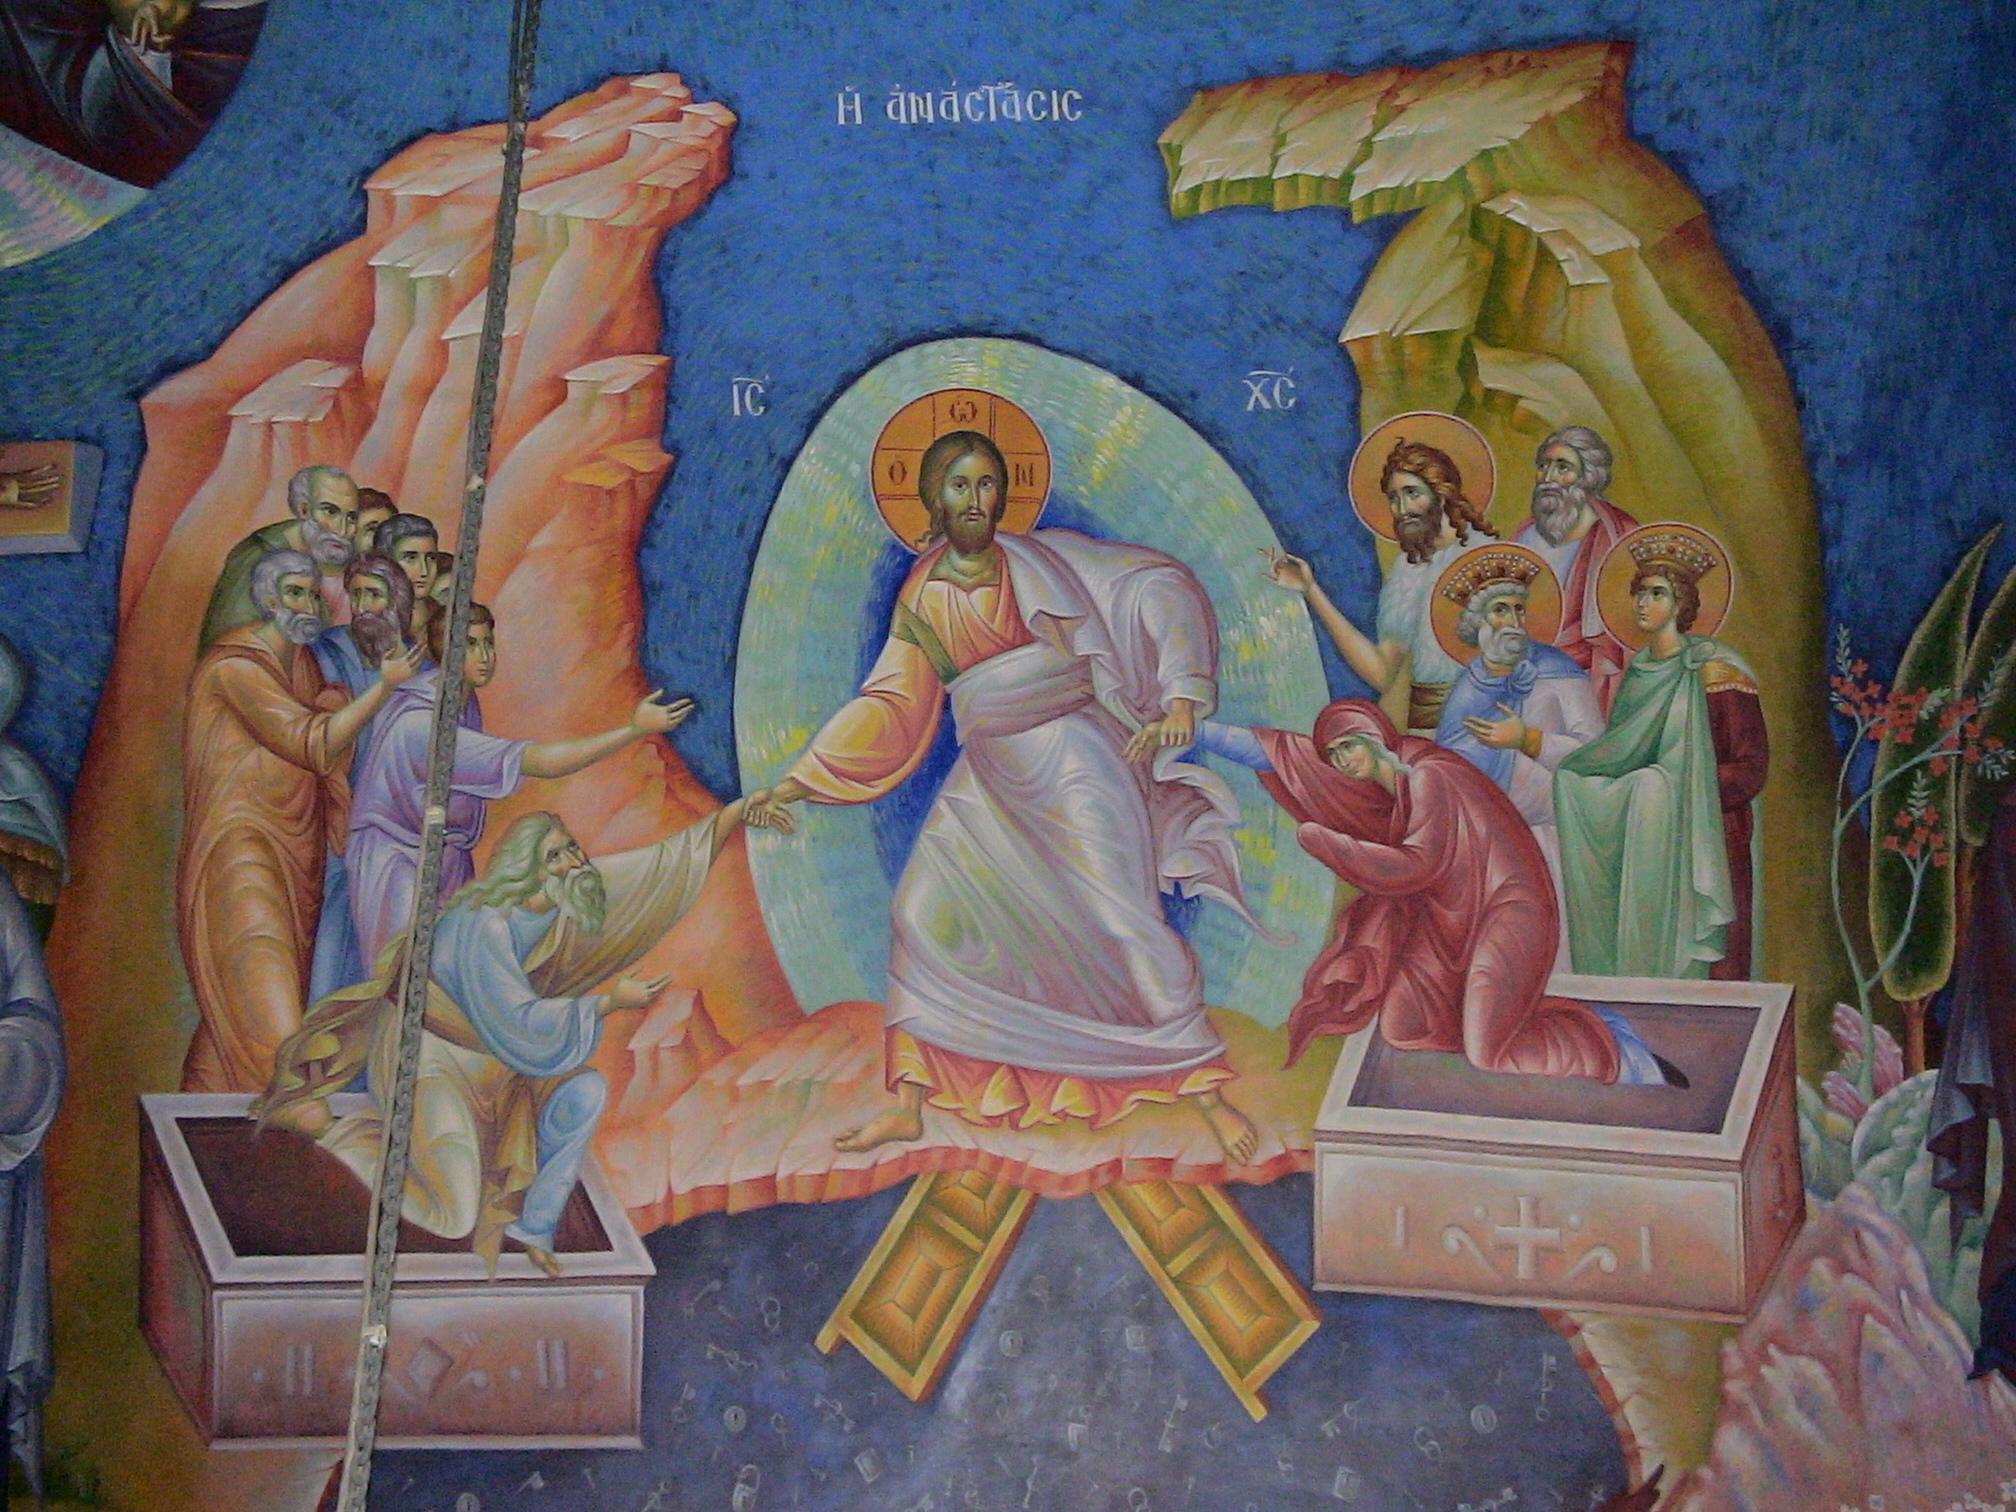 Običaji za Uskrs: Od farbanja jaja do Pobusanog ponedeljka